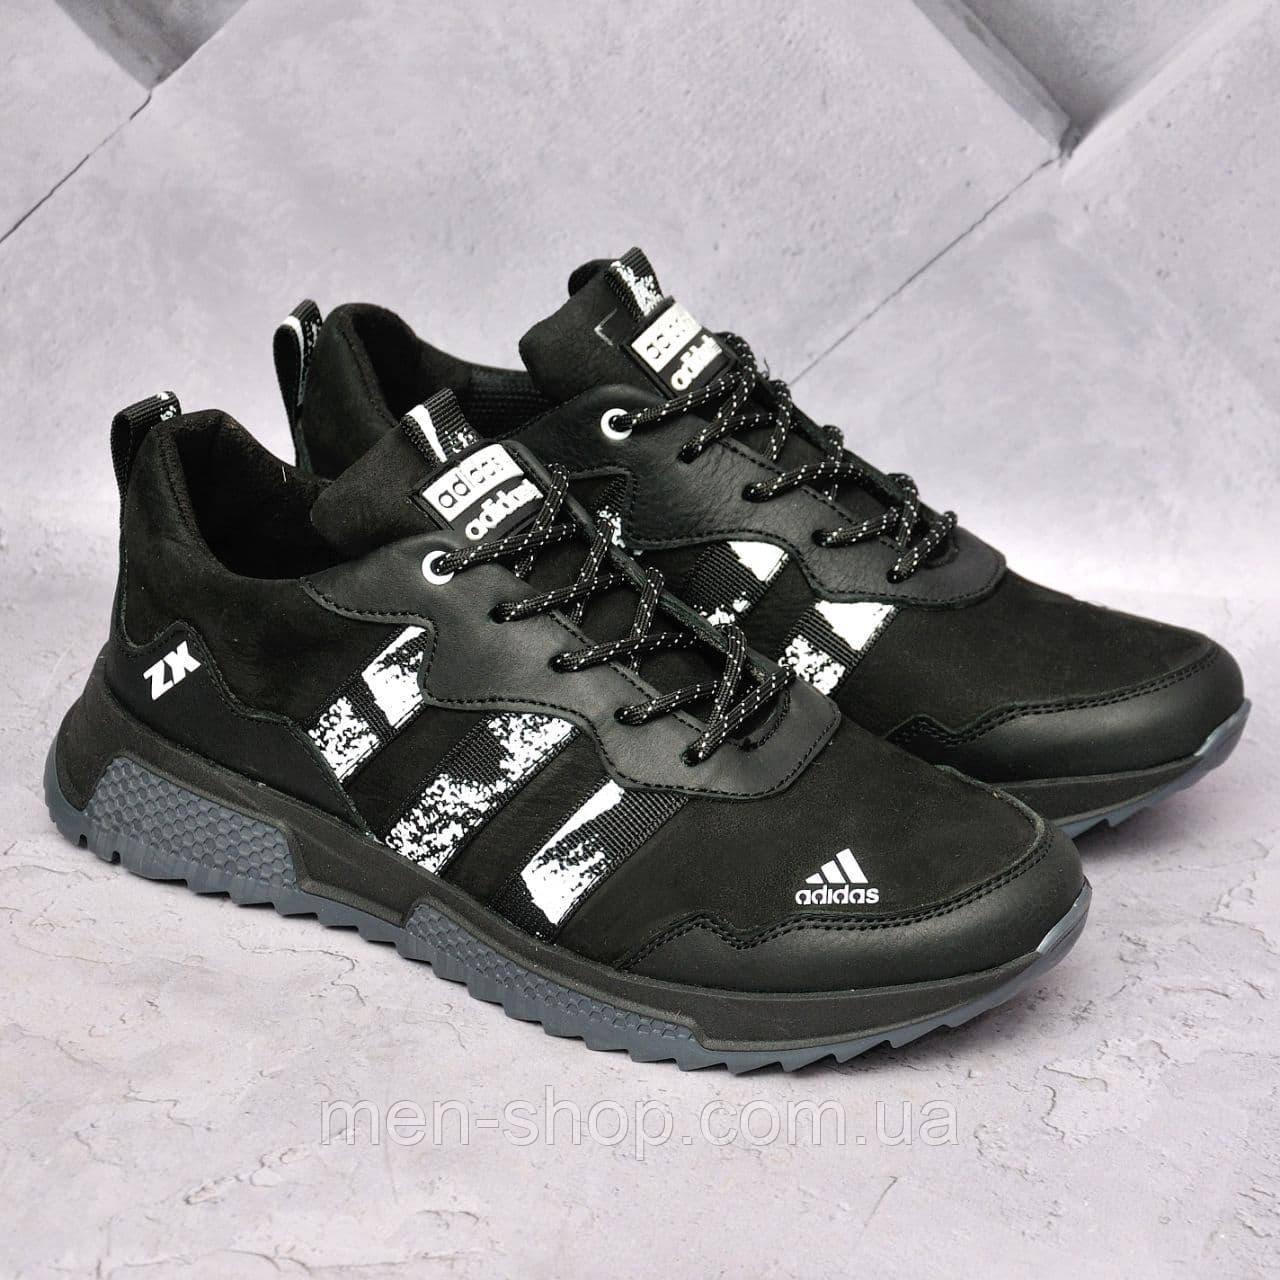 Чоловічі шкіряні кросівки Adidas ZX